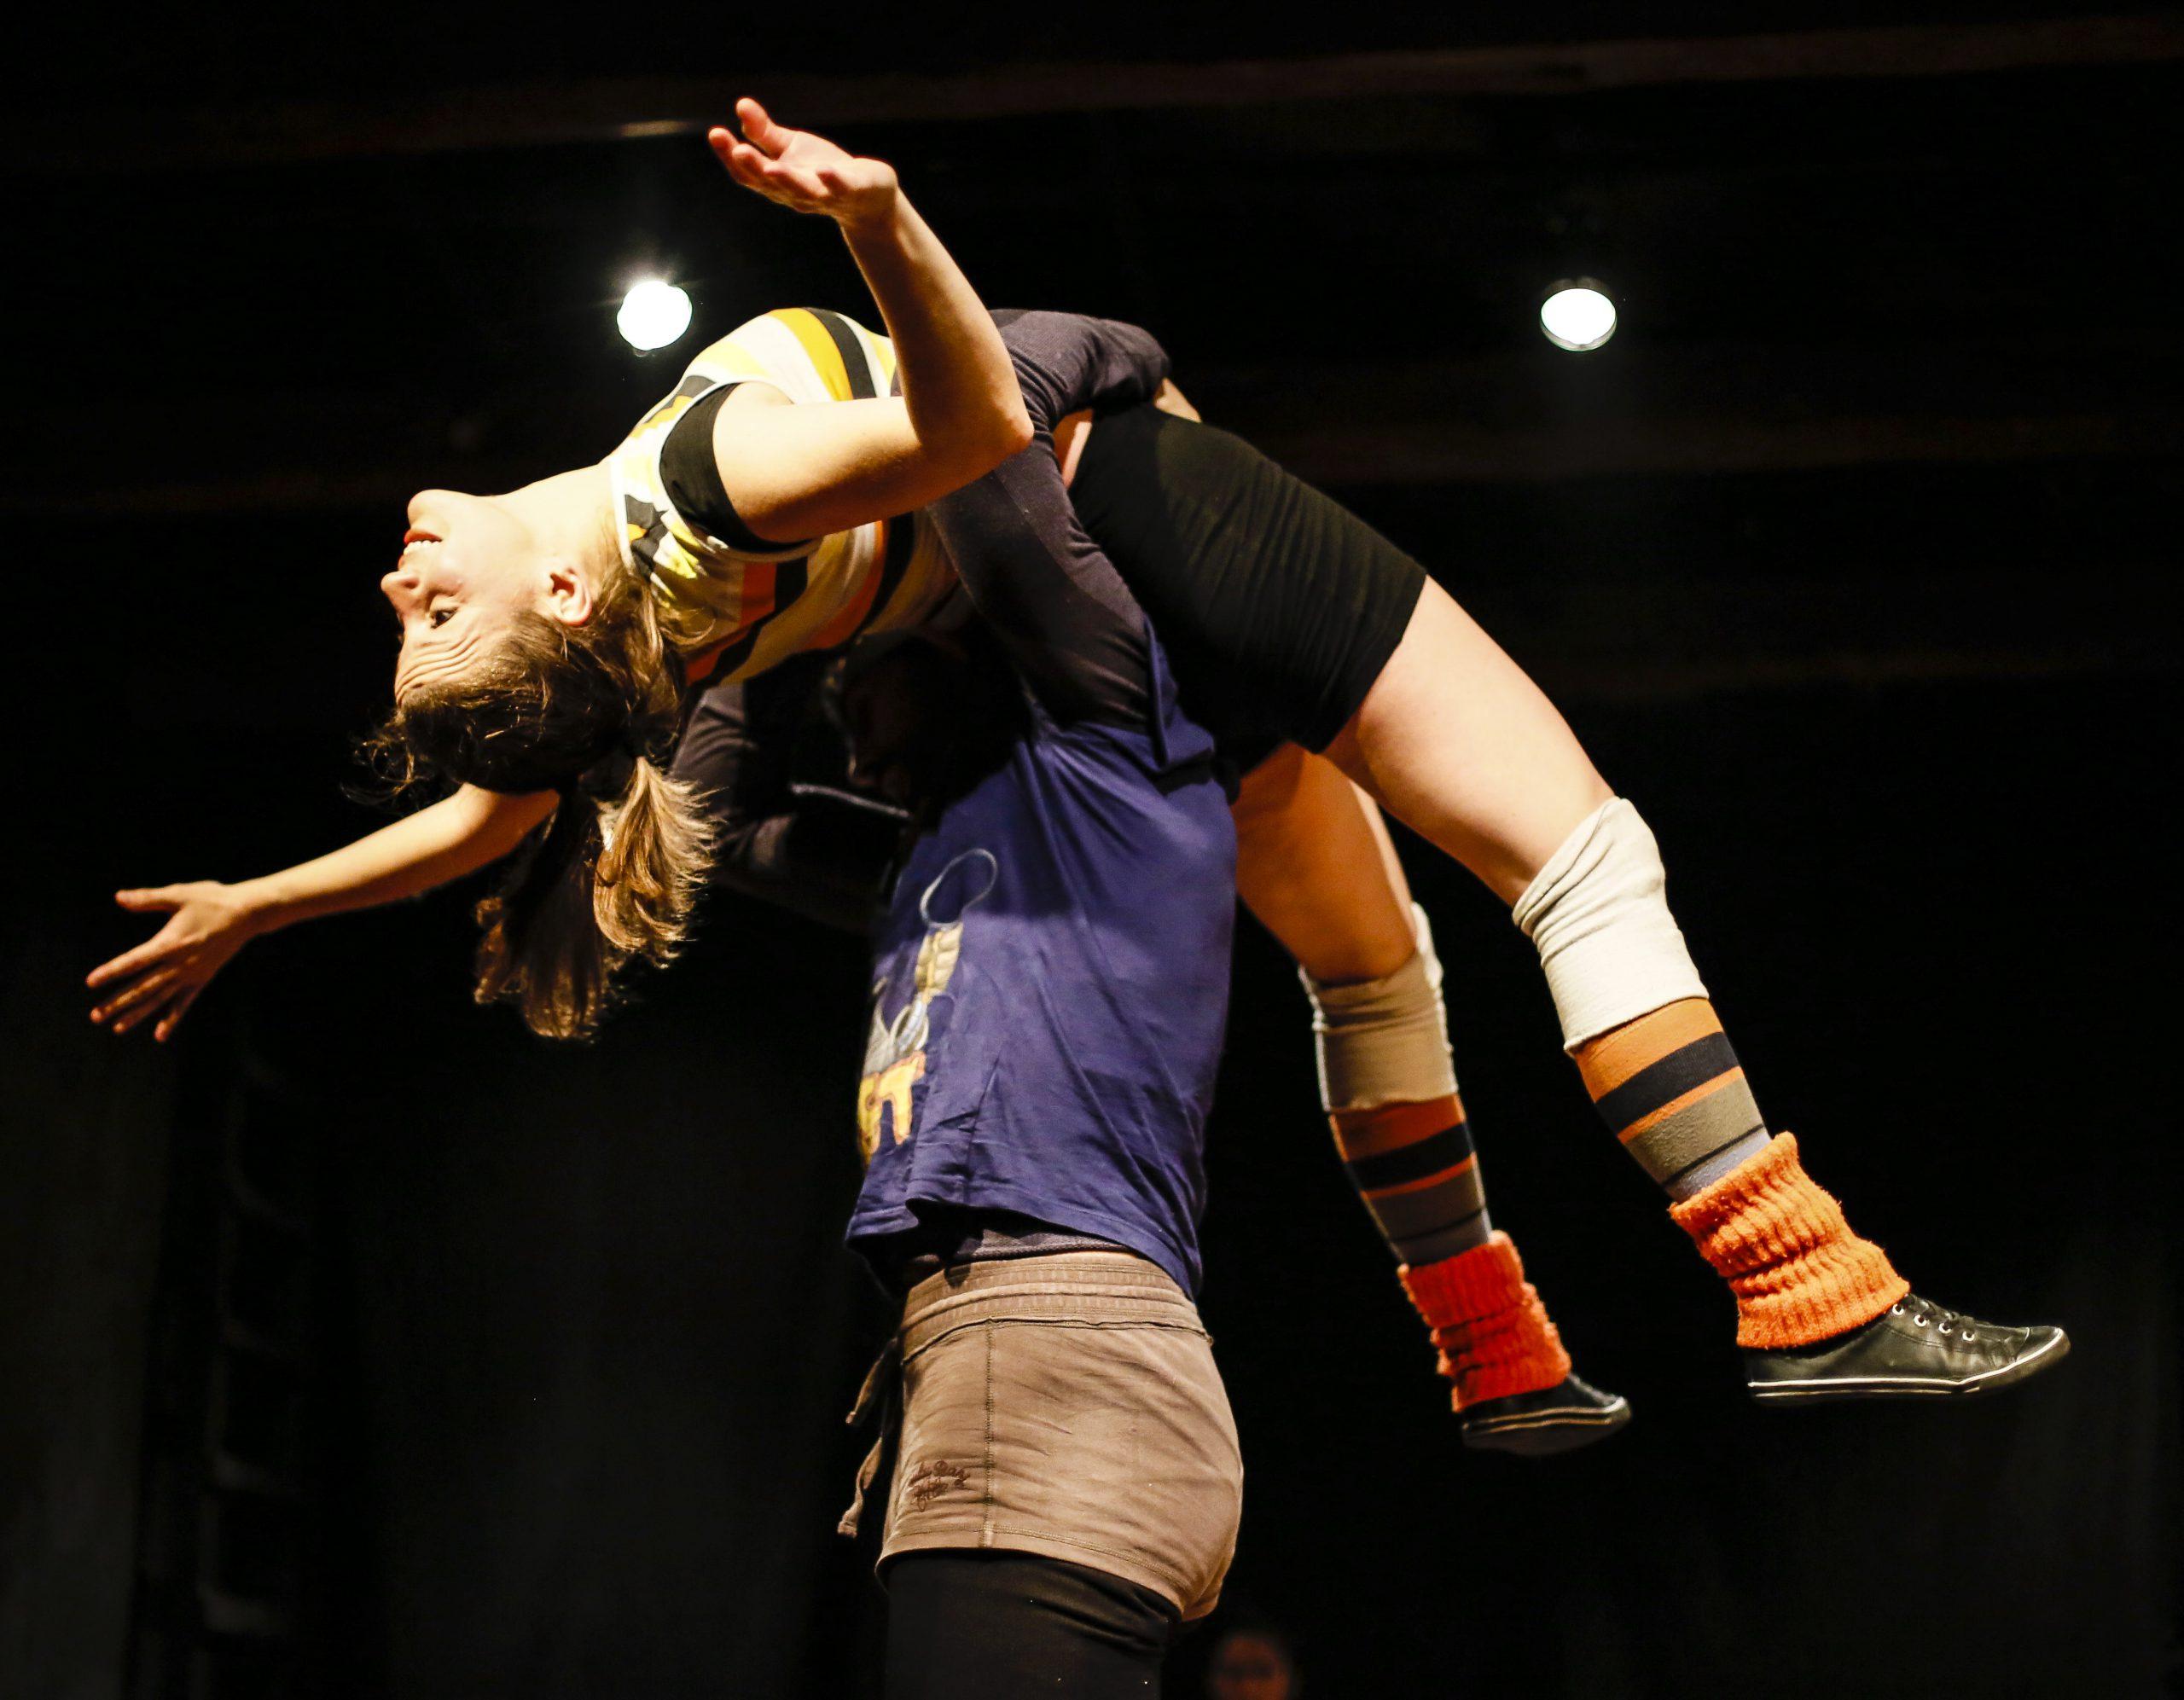 Contact Improvisación: Un viaje del movimiento personal hacia la danza compartida.